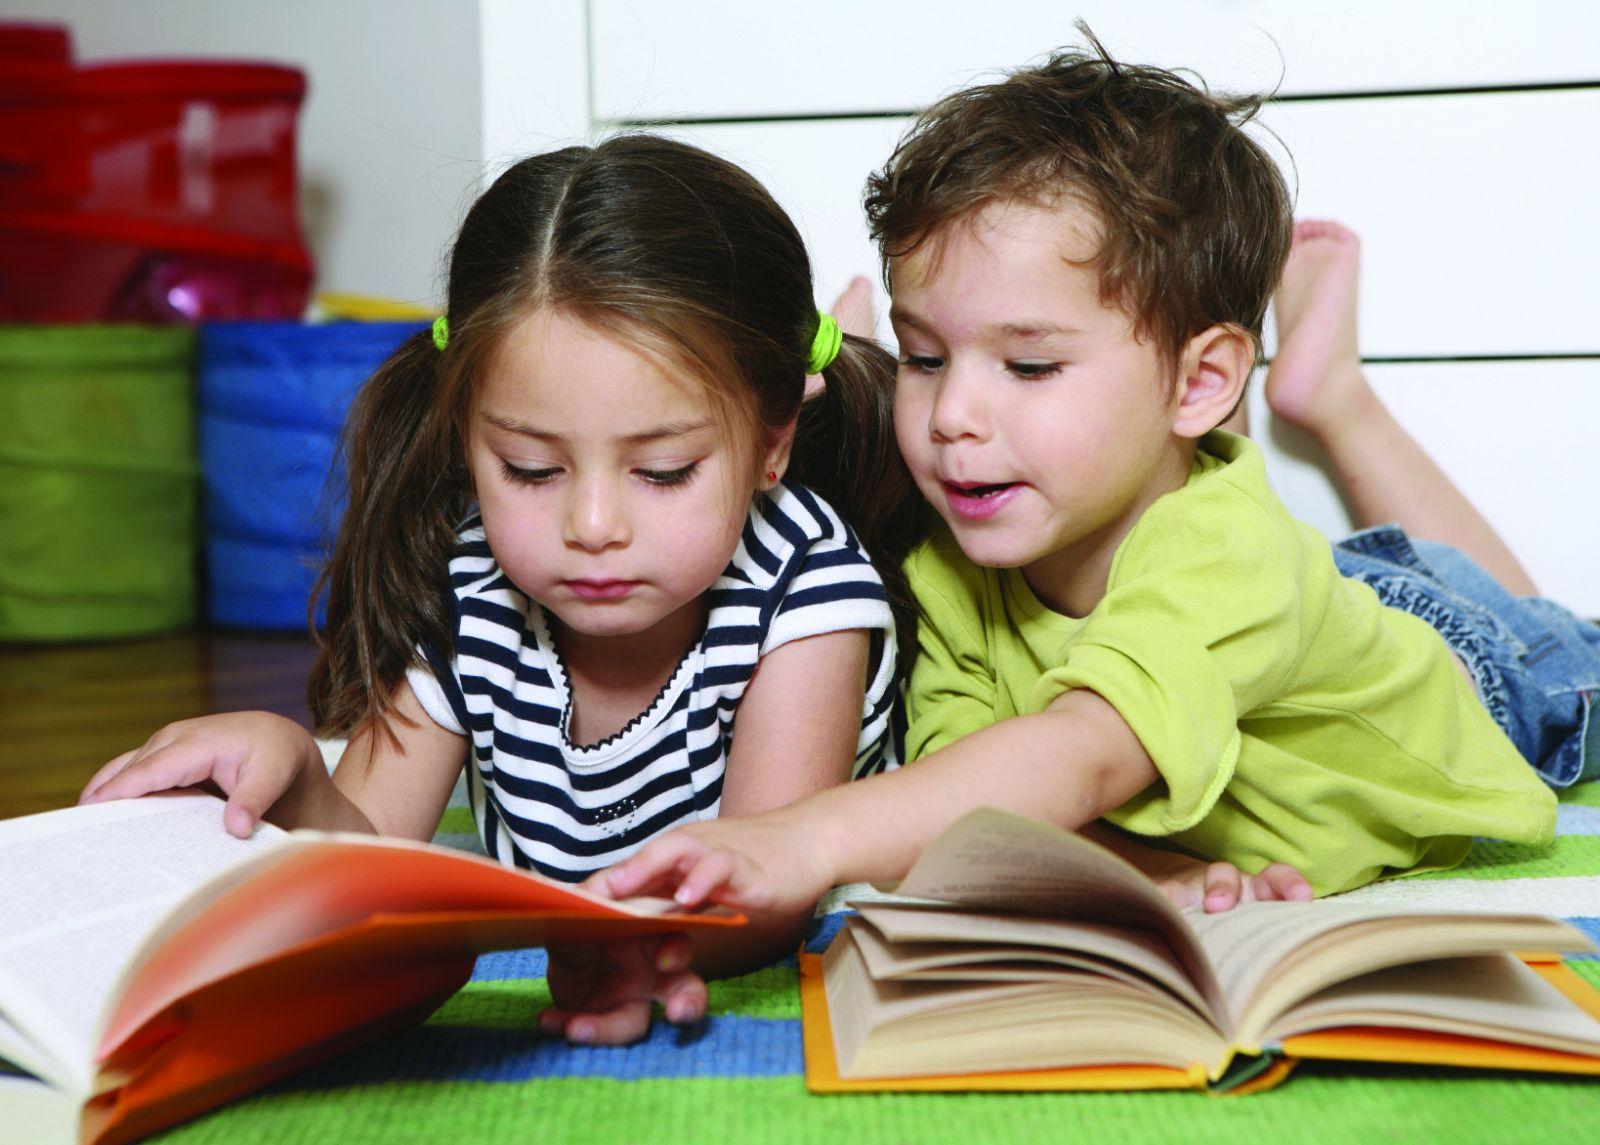 Libri per bambini: quali scegliere in base all'età